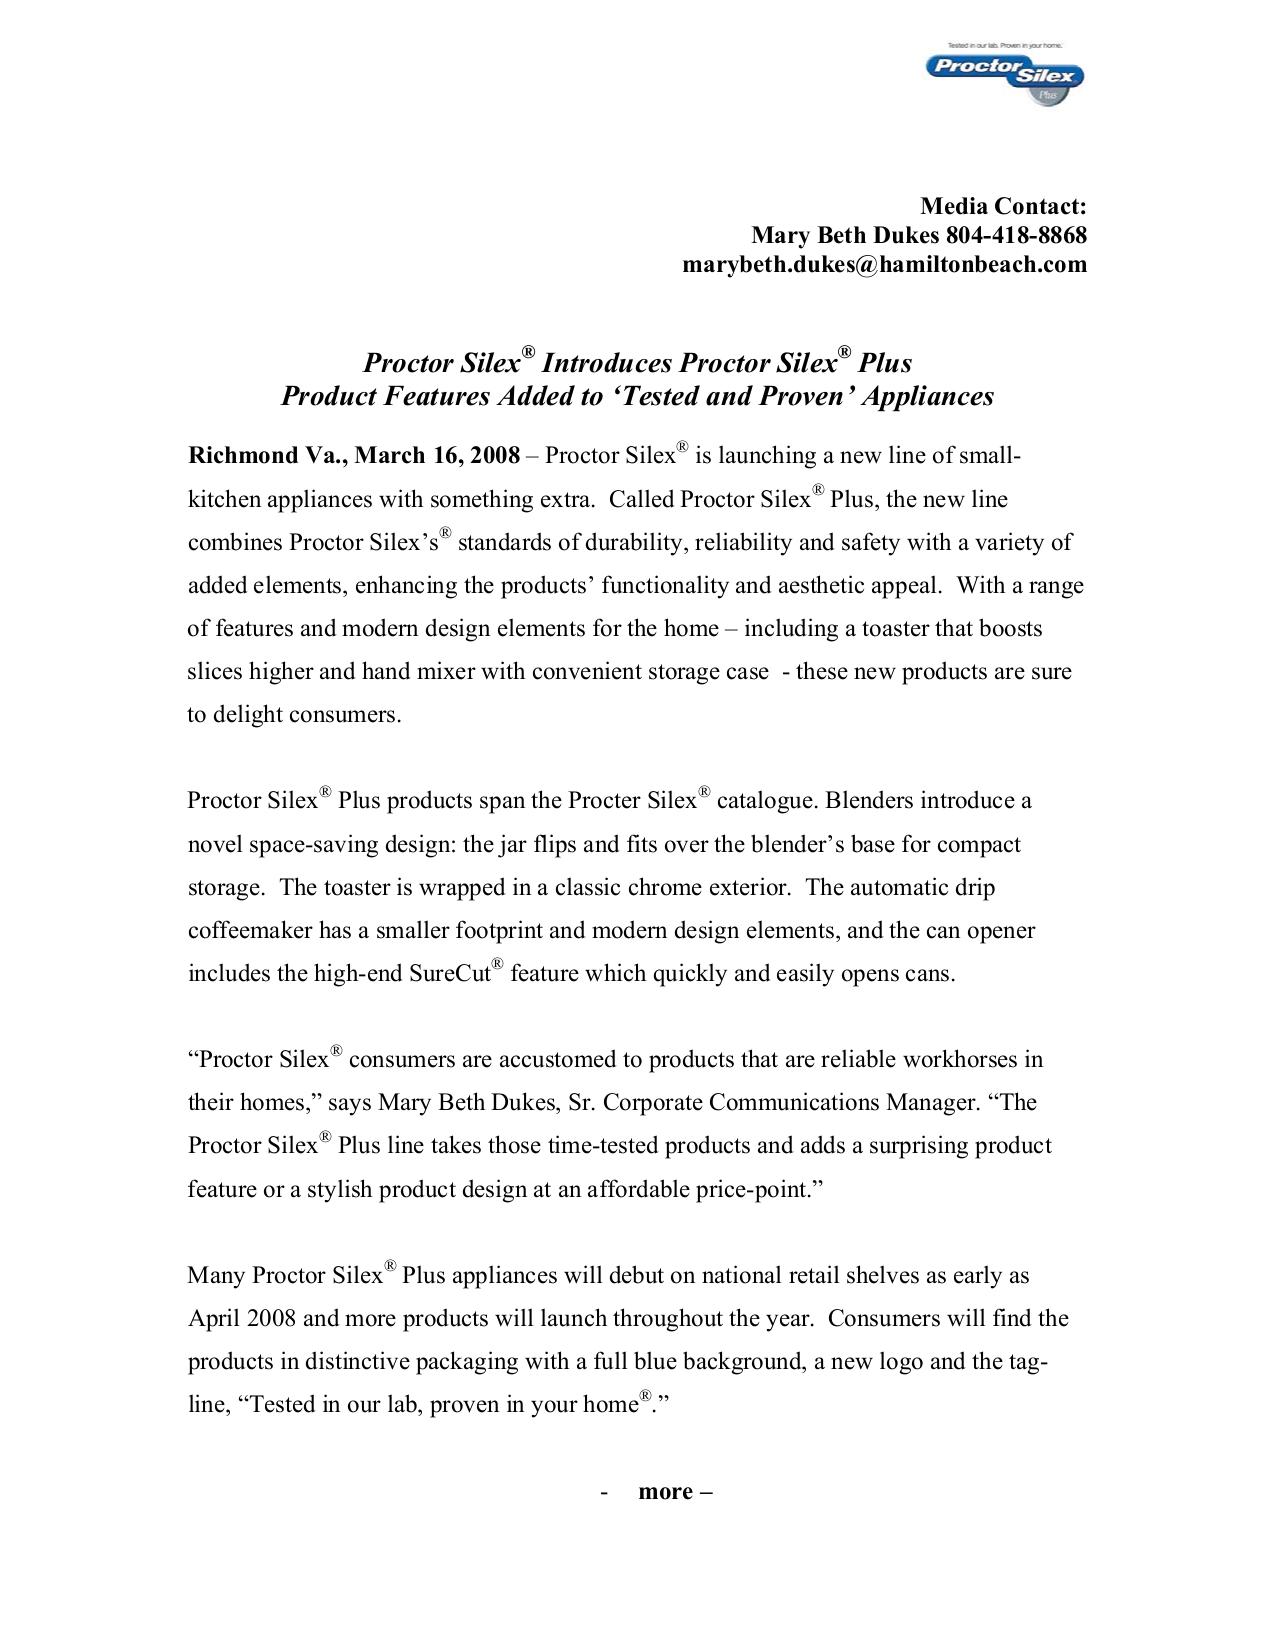 pdf for ProctorSilex Blender 58130PH manual